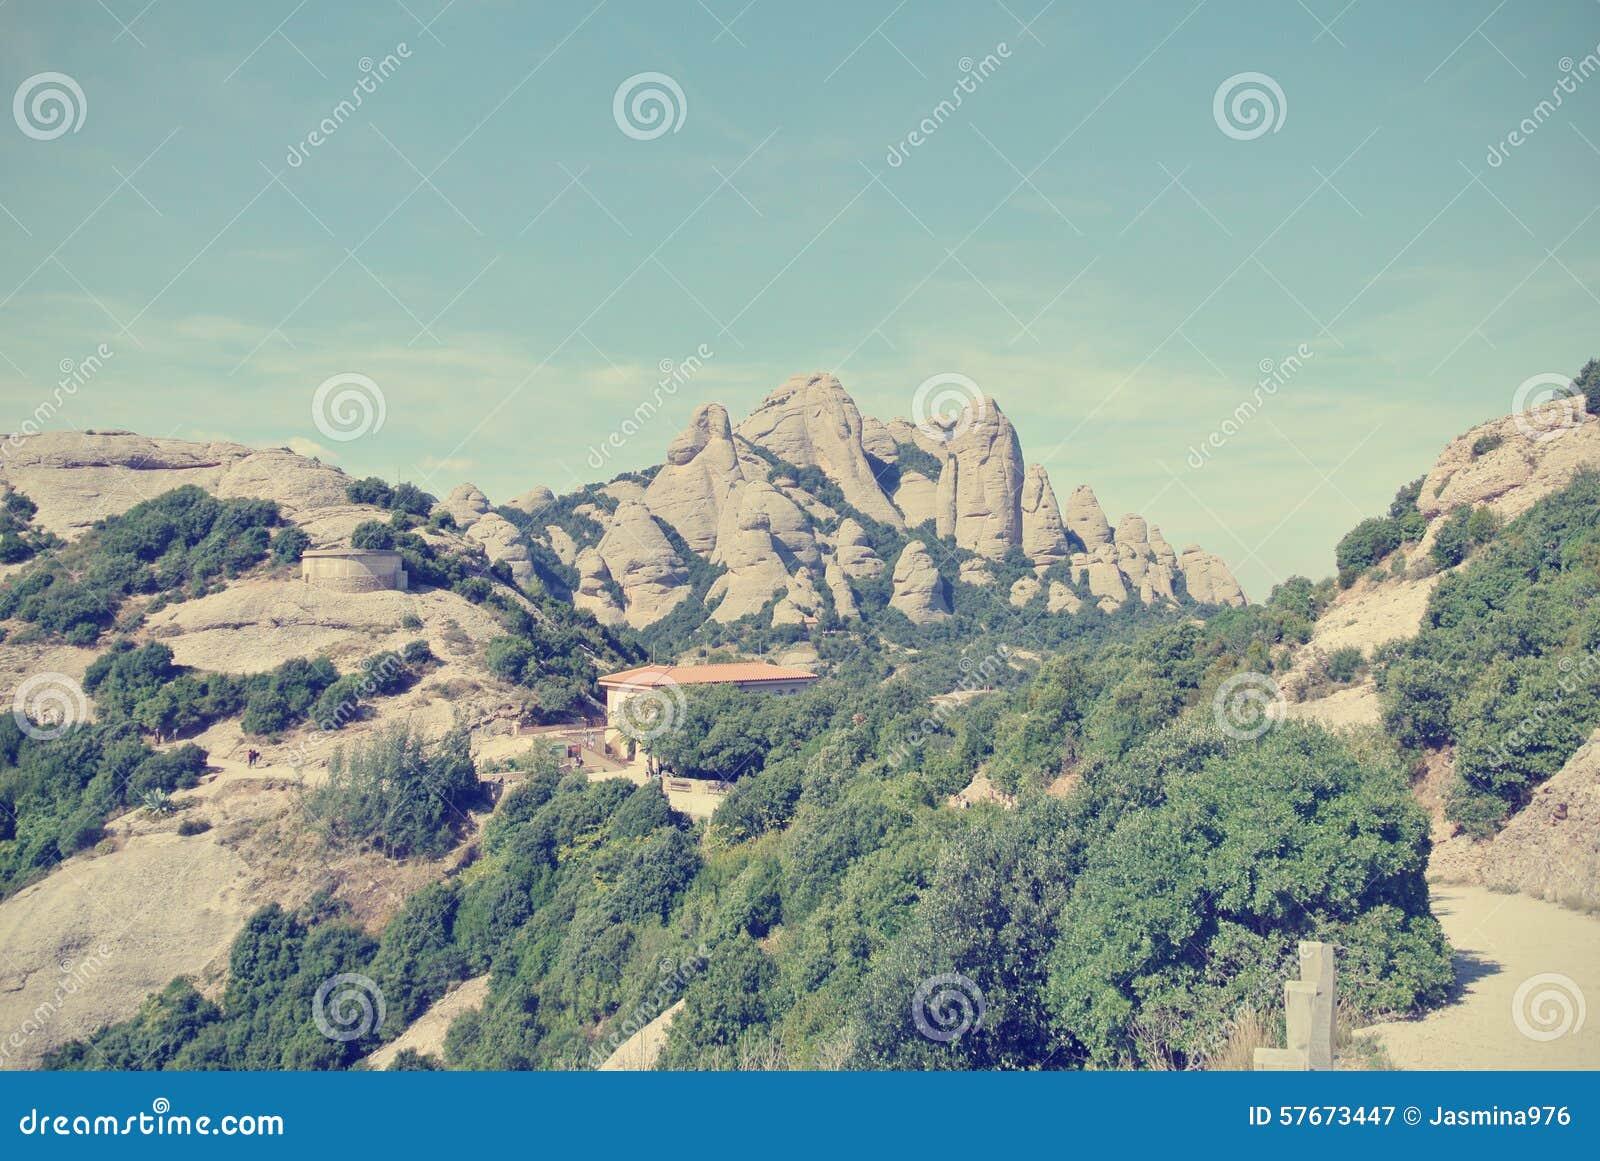 Niewygładzony góra krajobraz na słonecznym dniu; filtrujący, retro styl,